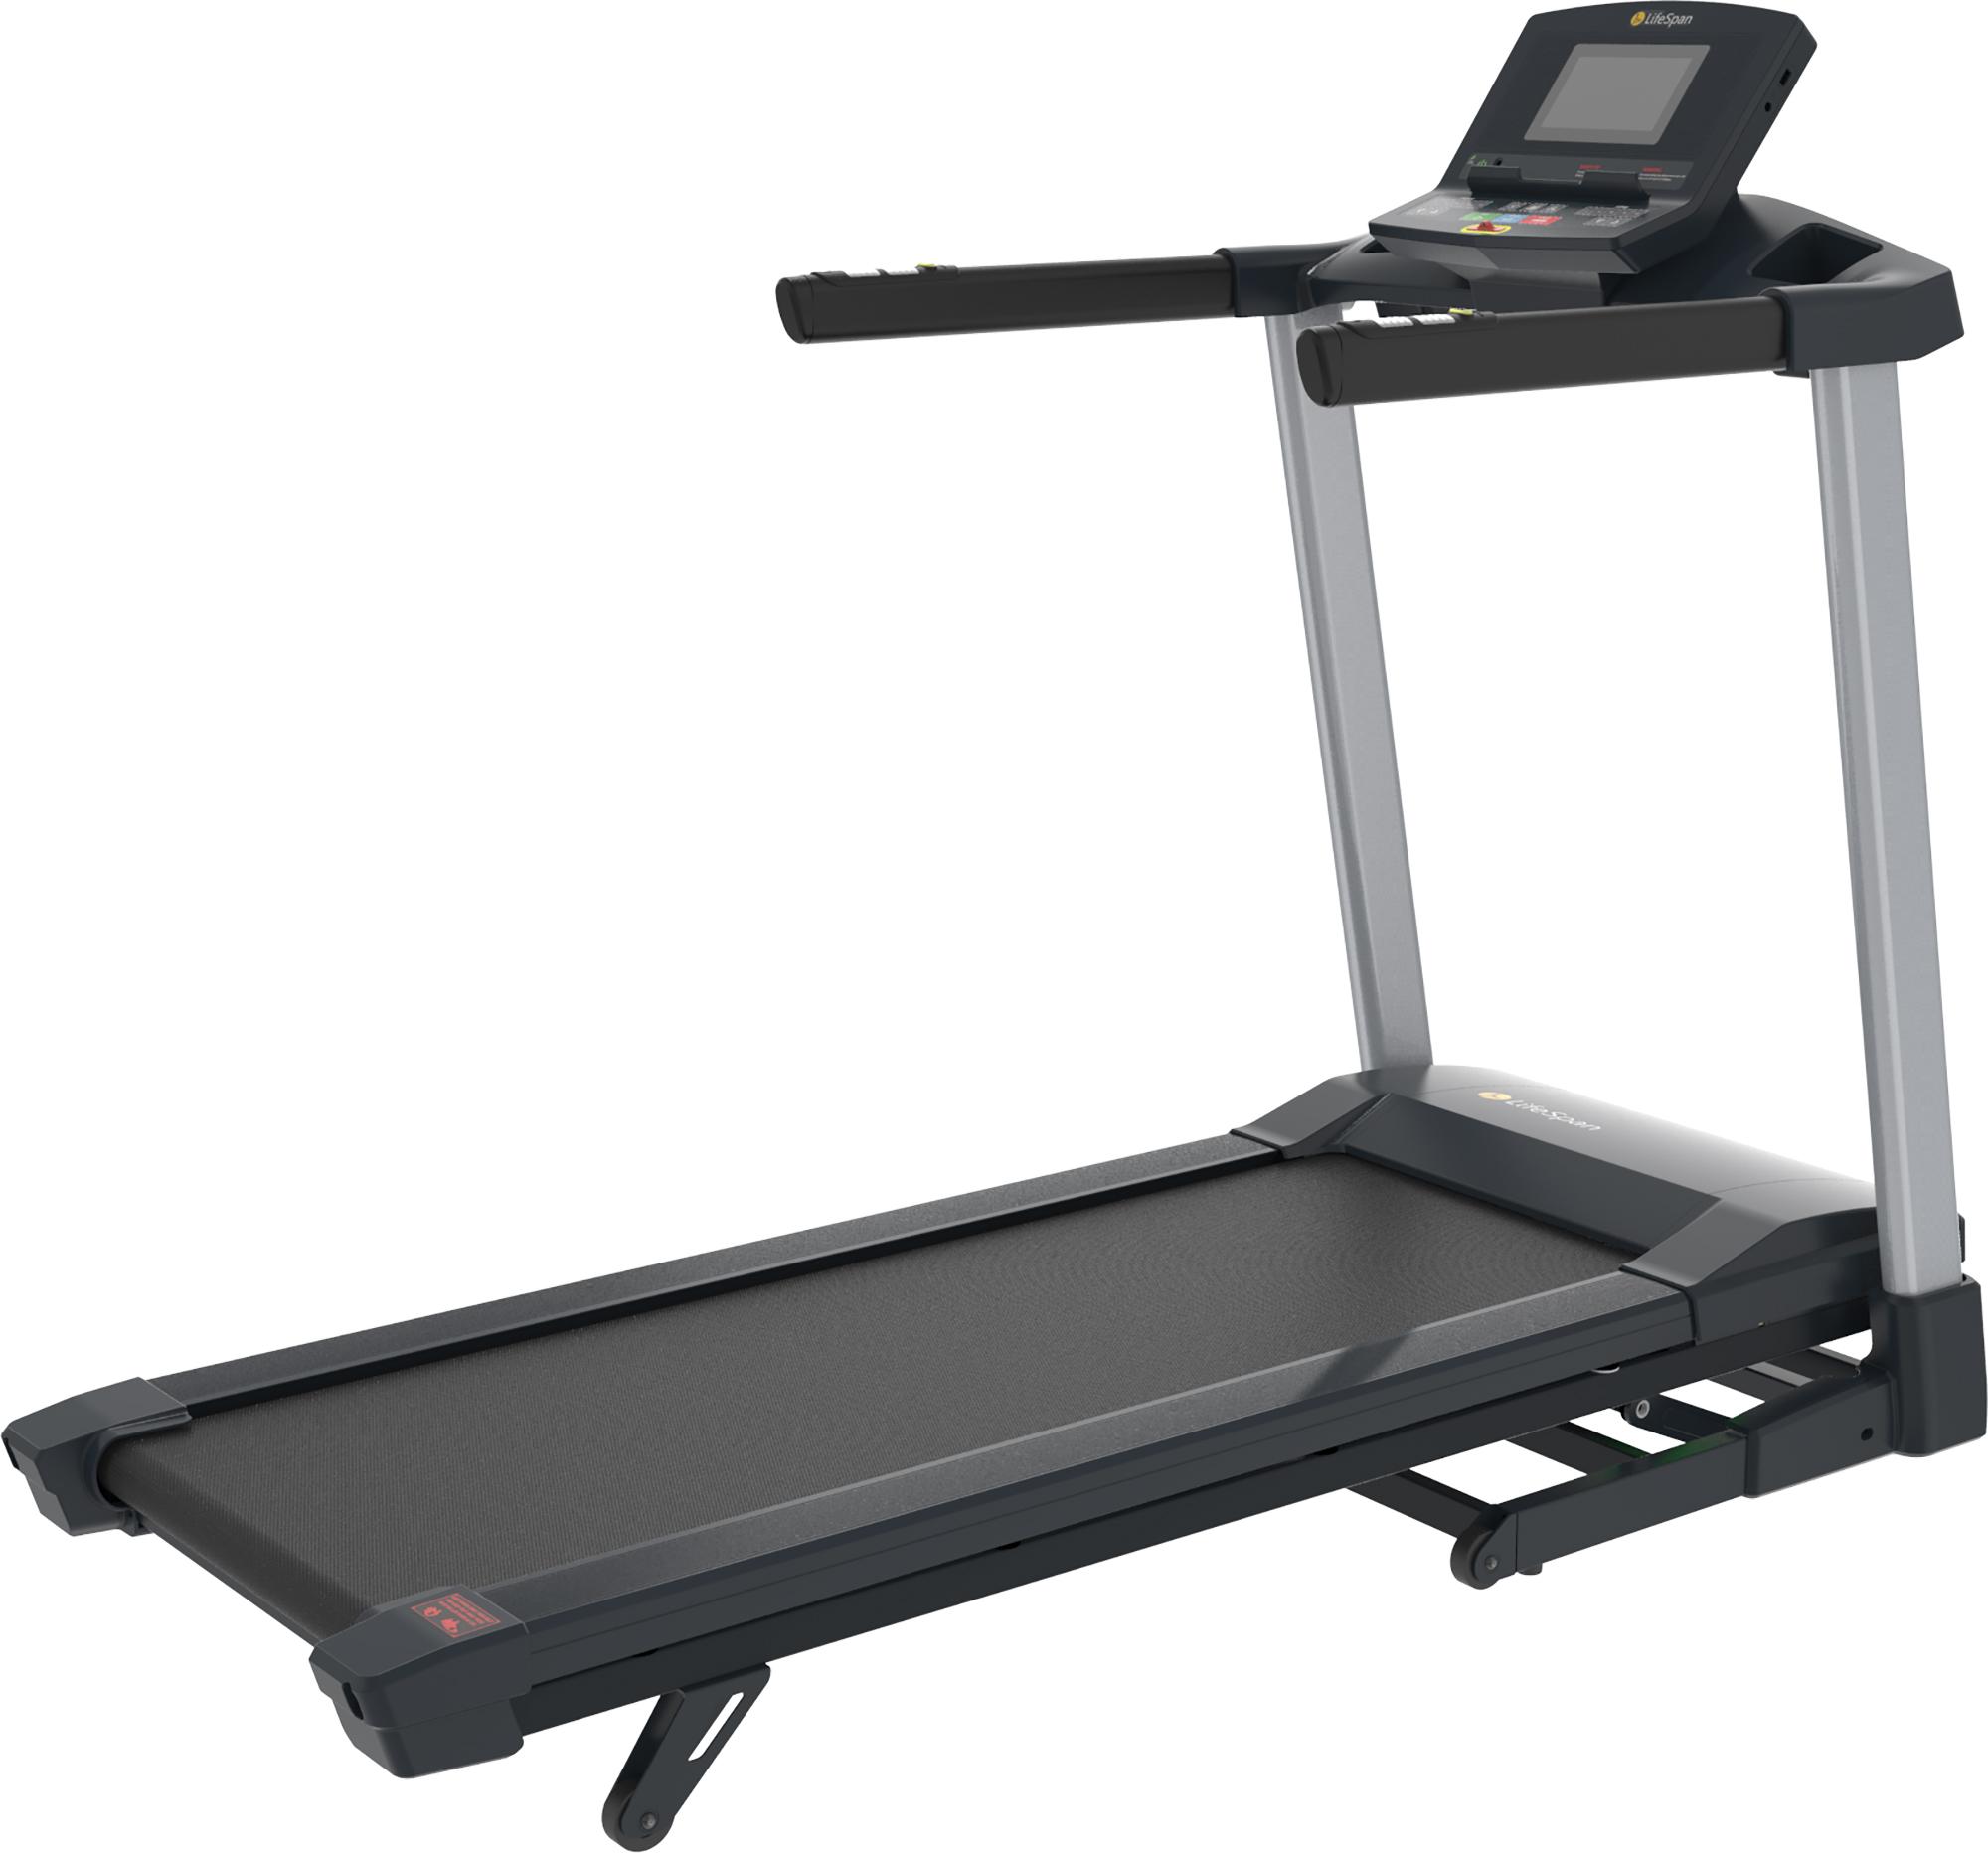 LifeSpan Беговая дорожка электрическая TR1200iC Motorized Treadmill